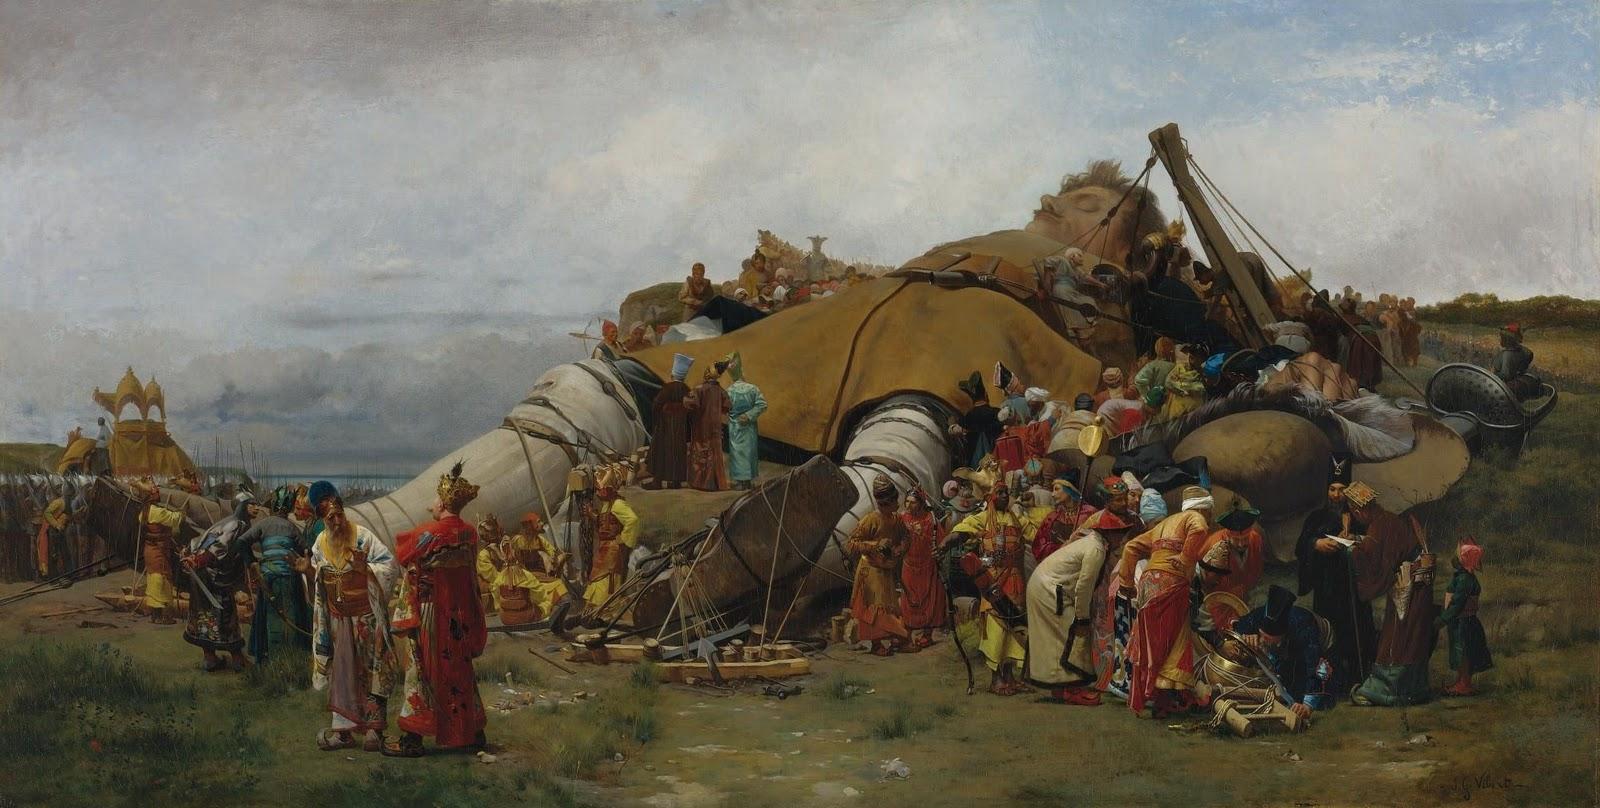 Vibert-Gulliver